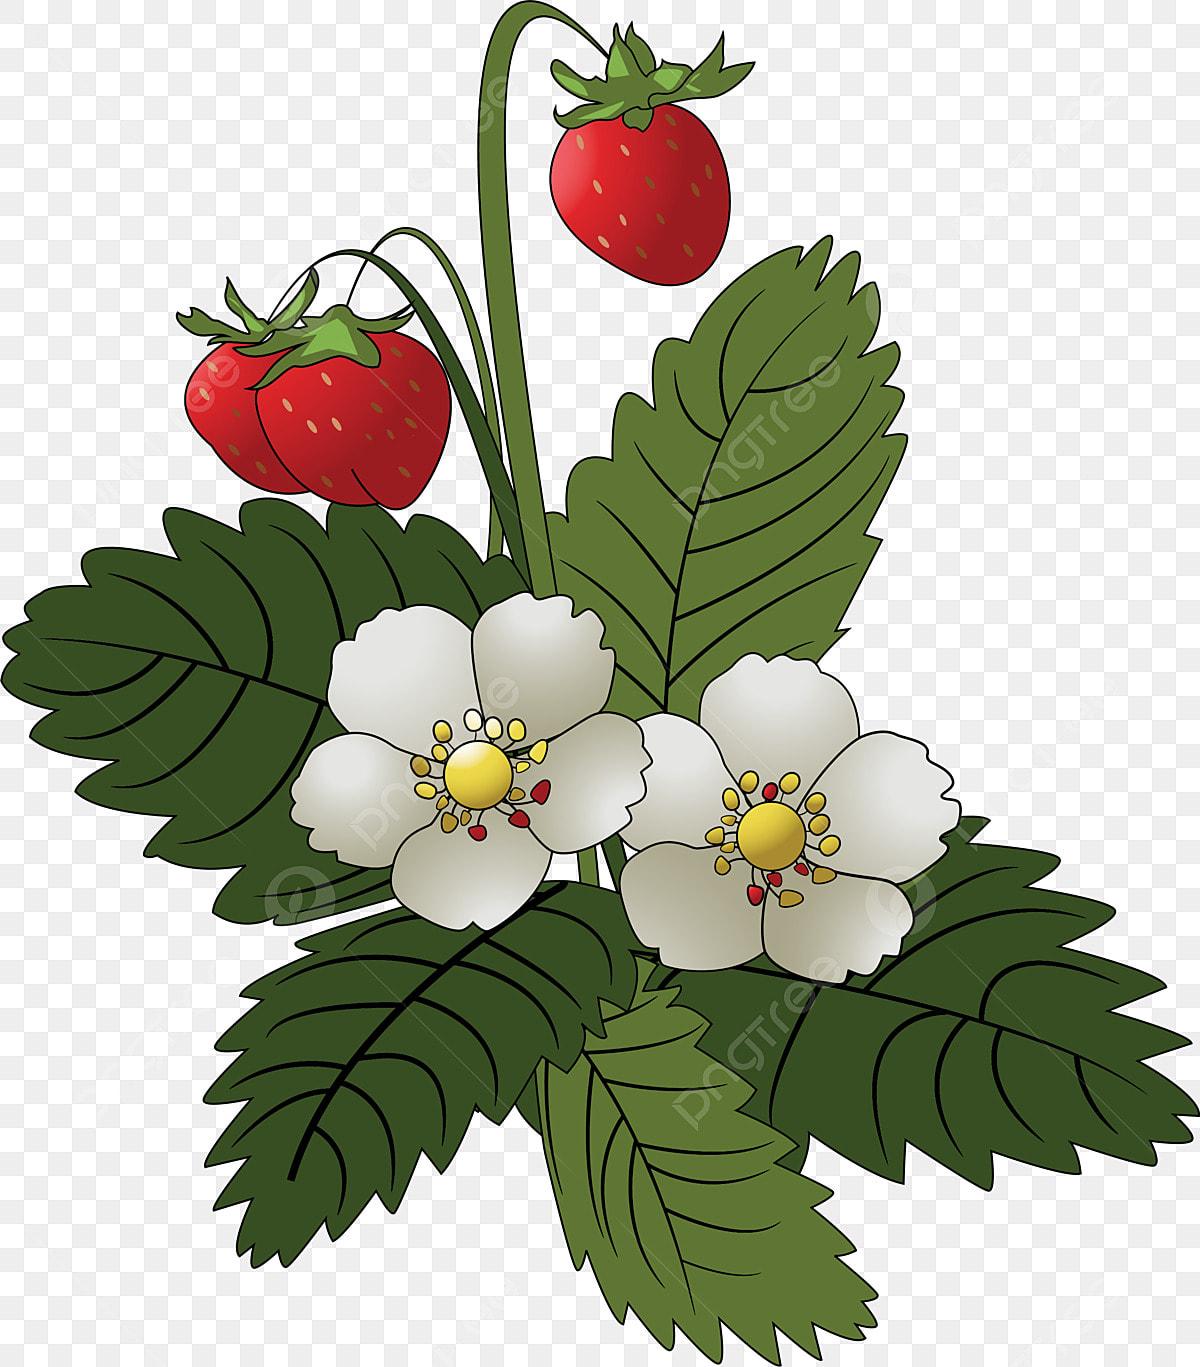 イチゴの葉イチゴの葉の花 黒ストローク いちごの束 熟したイチゴ画像素材の無料ダウンロードのためのpngとベクトル